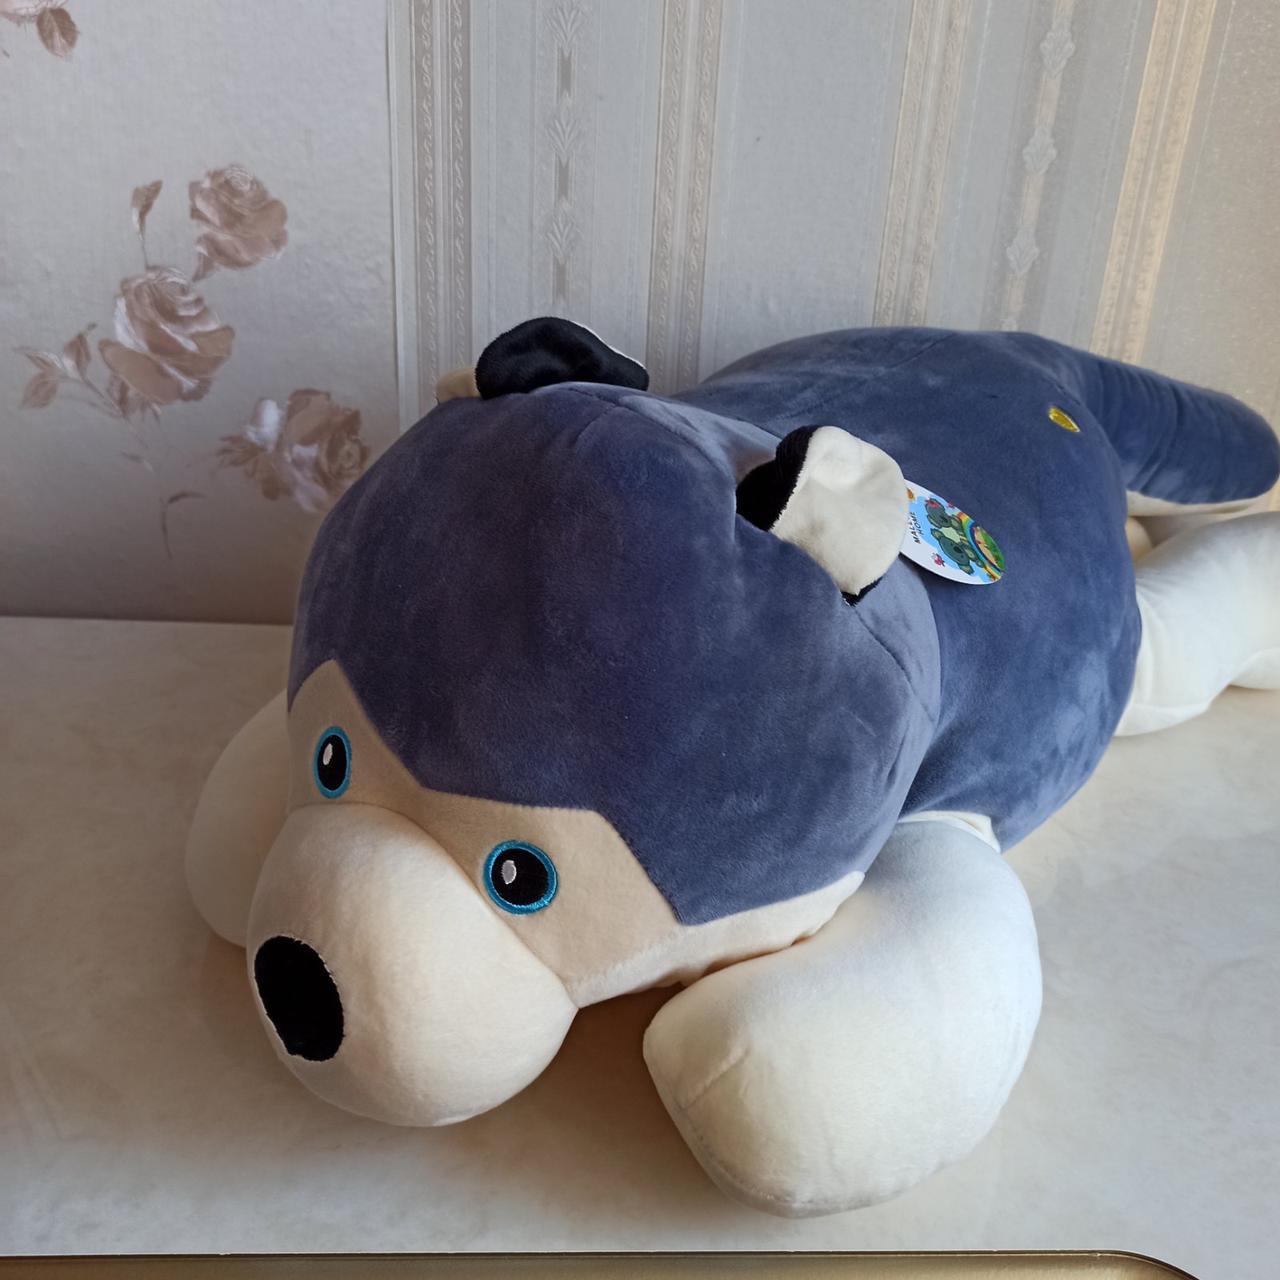 Плед іграшка подушка 3 в1 Хаскі | Іграшка дитячий плед | Іграшки-Подушки | М'яка іграшка Синього кольору